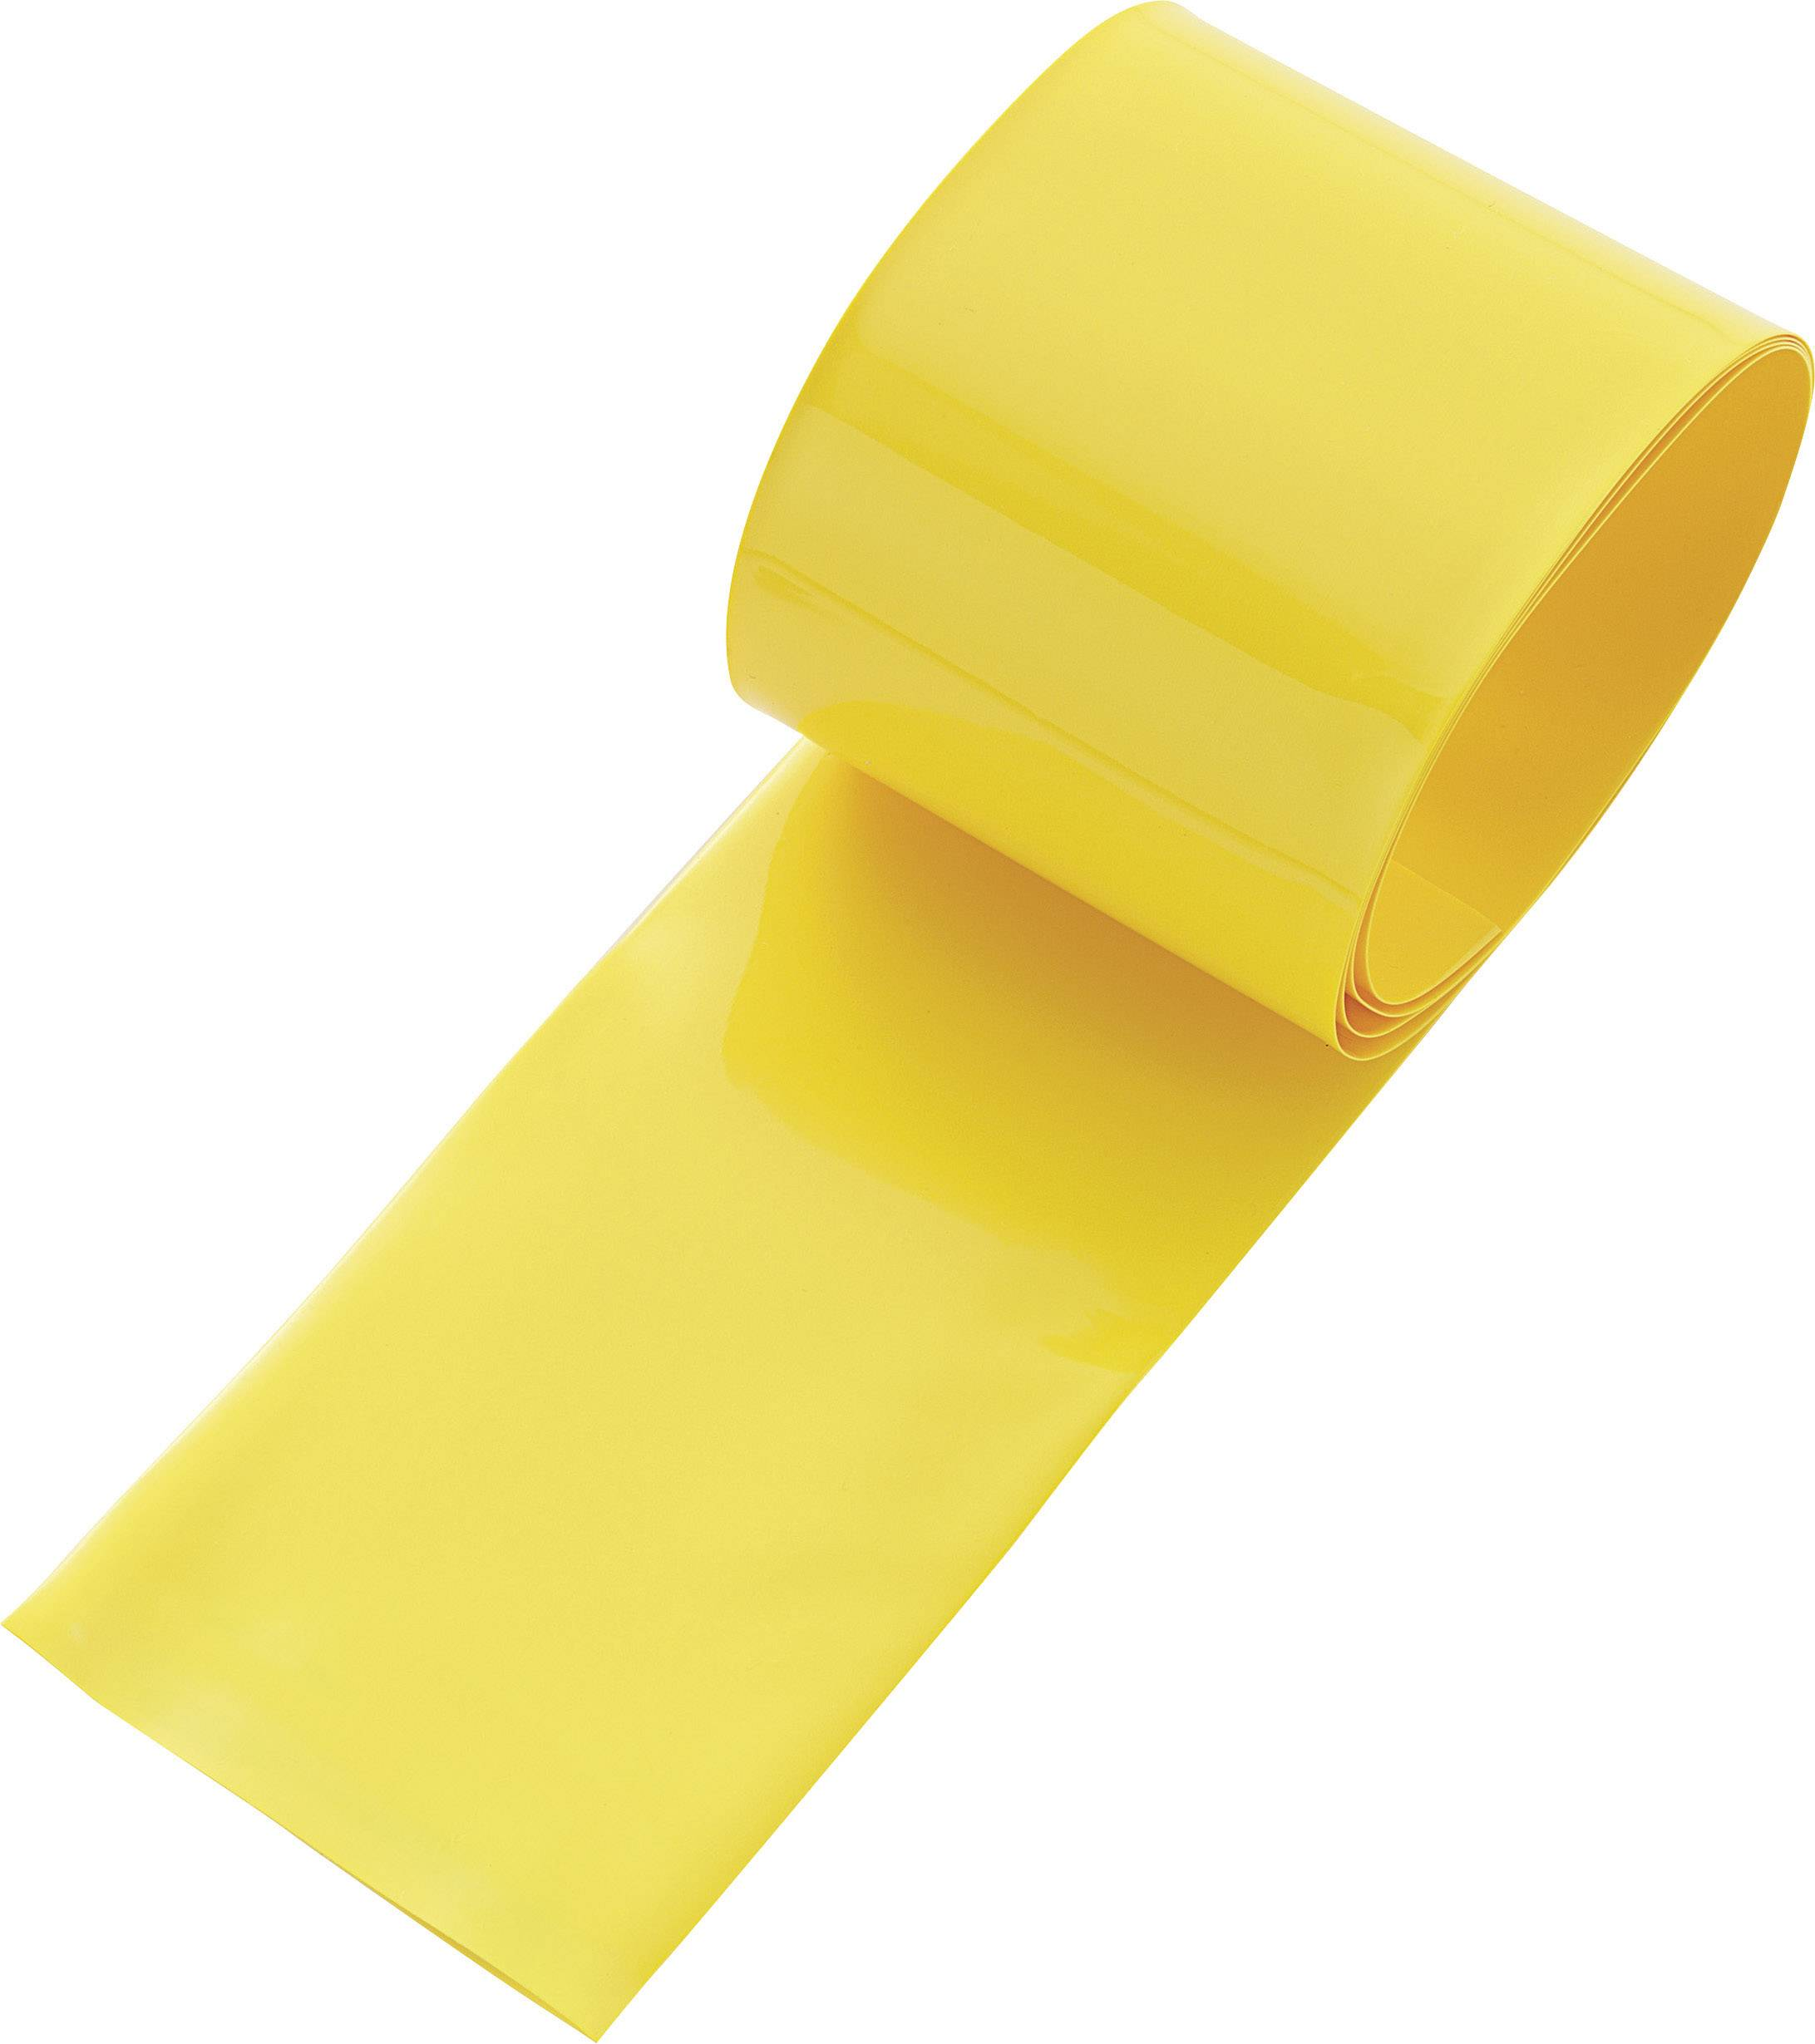 Smršťovací hadice, Ø před/po smrštění: 44 mm/22 mm, žlutá